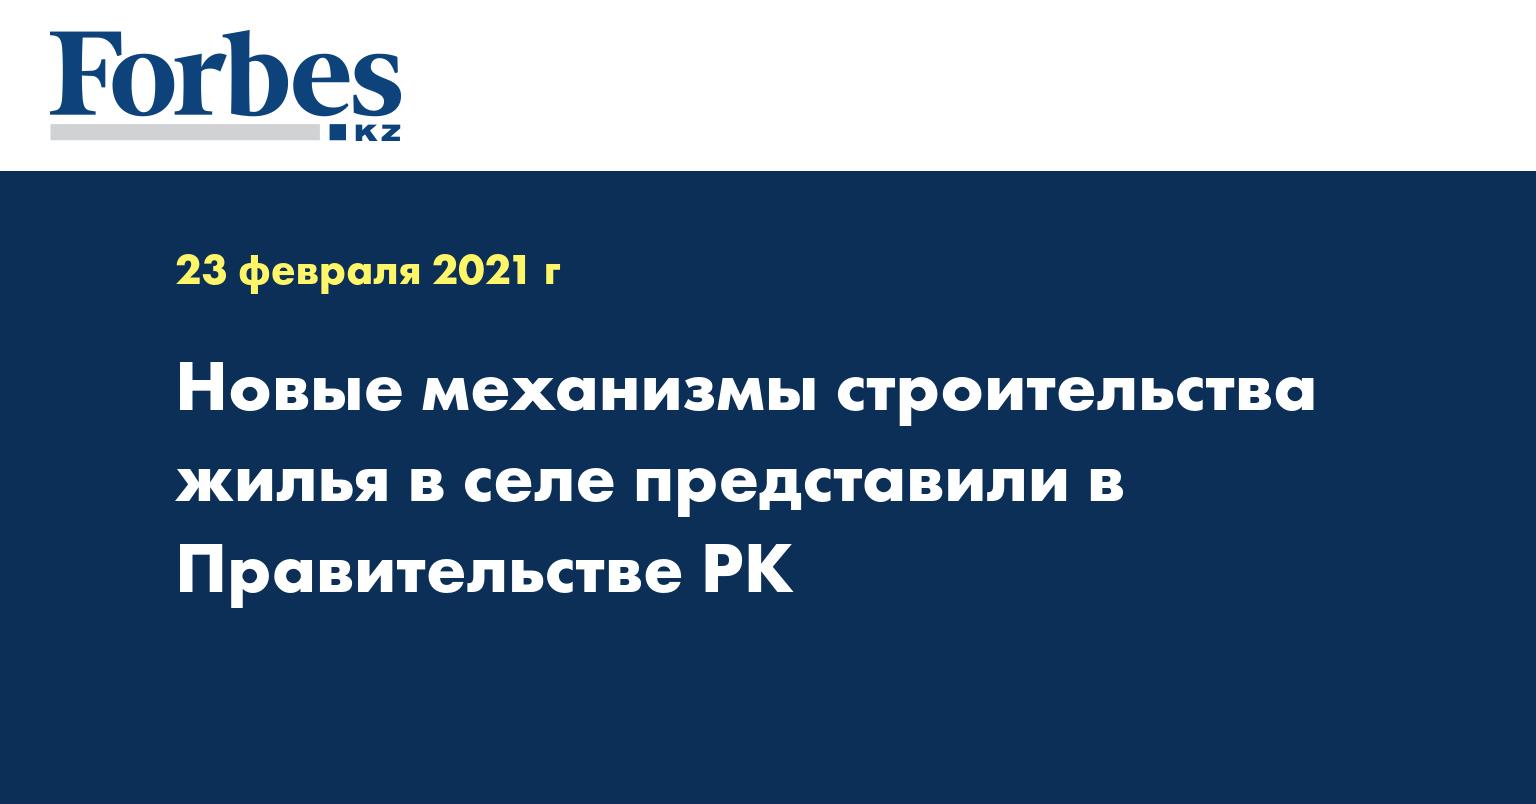 Новые механизмы строительства жилья в селе представили в Правительстве РК